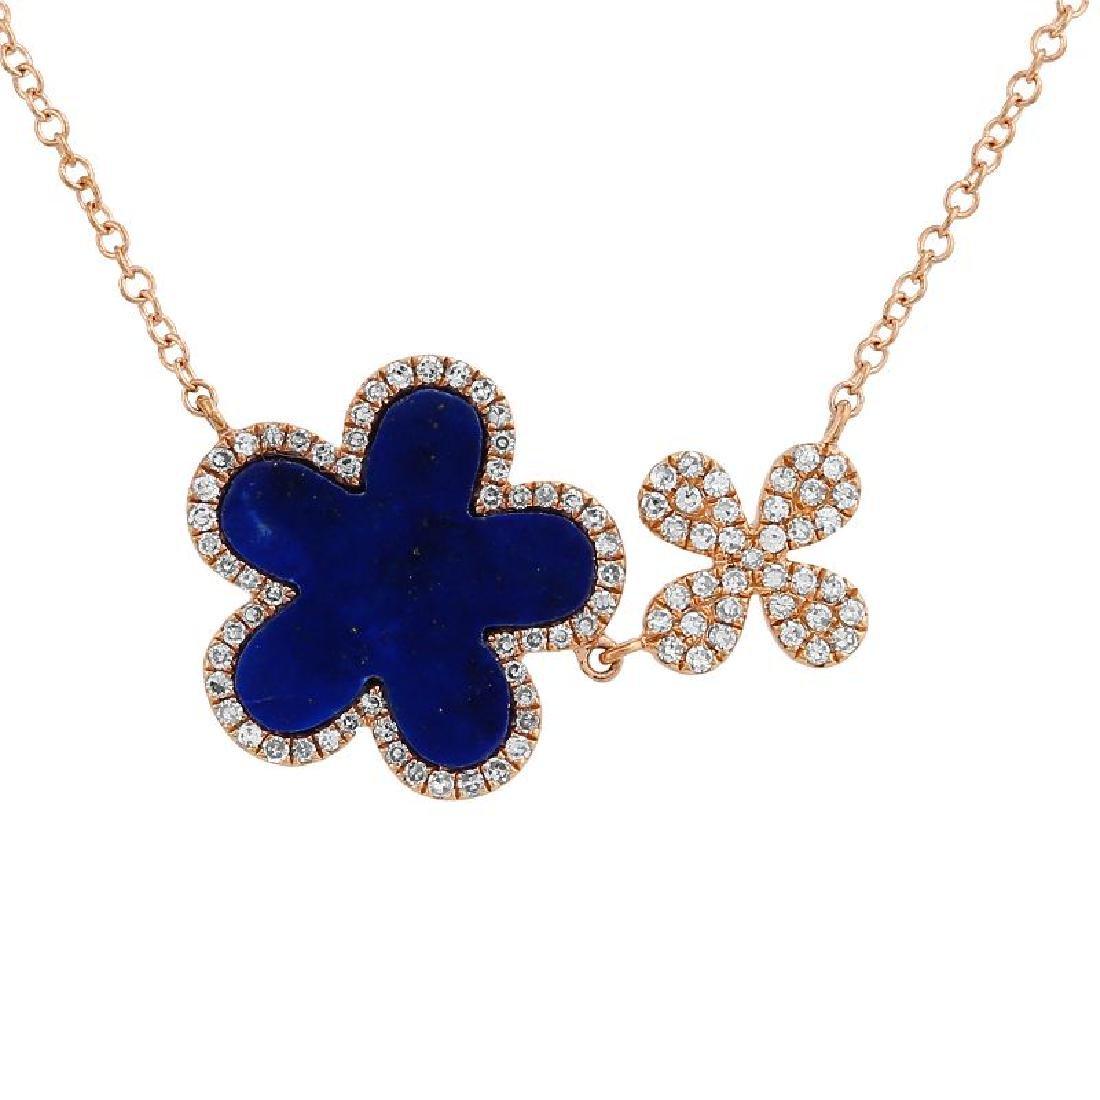 14KT Rose Gold Gemstone Necklace - 2